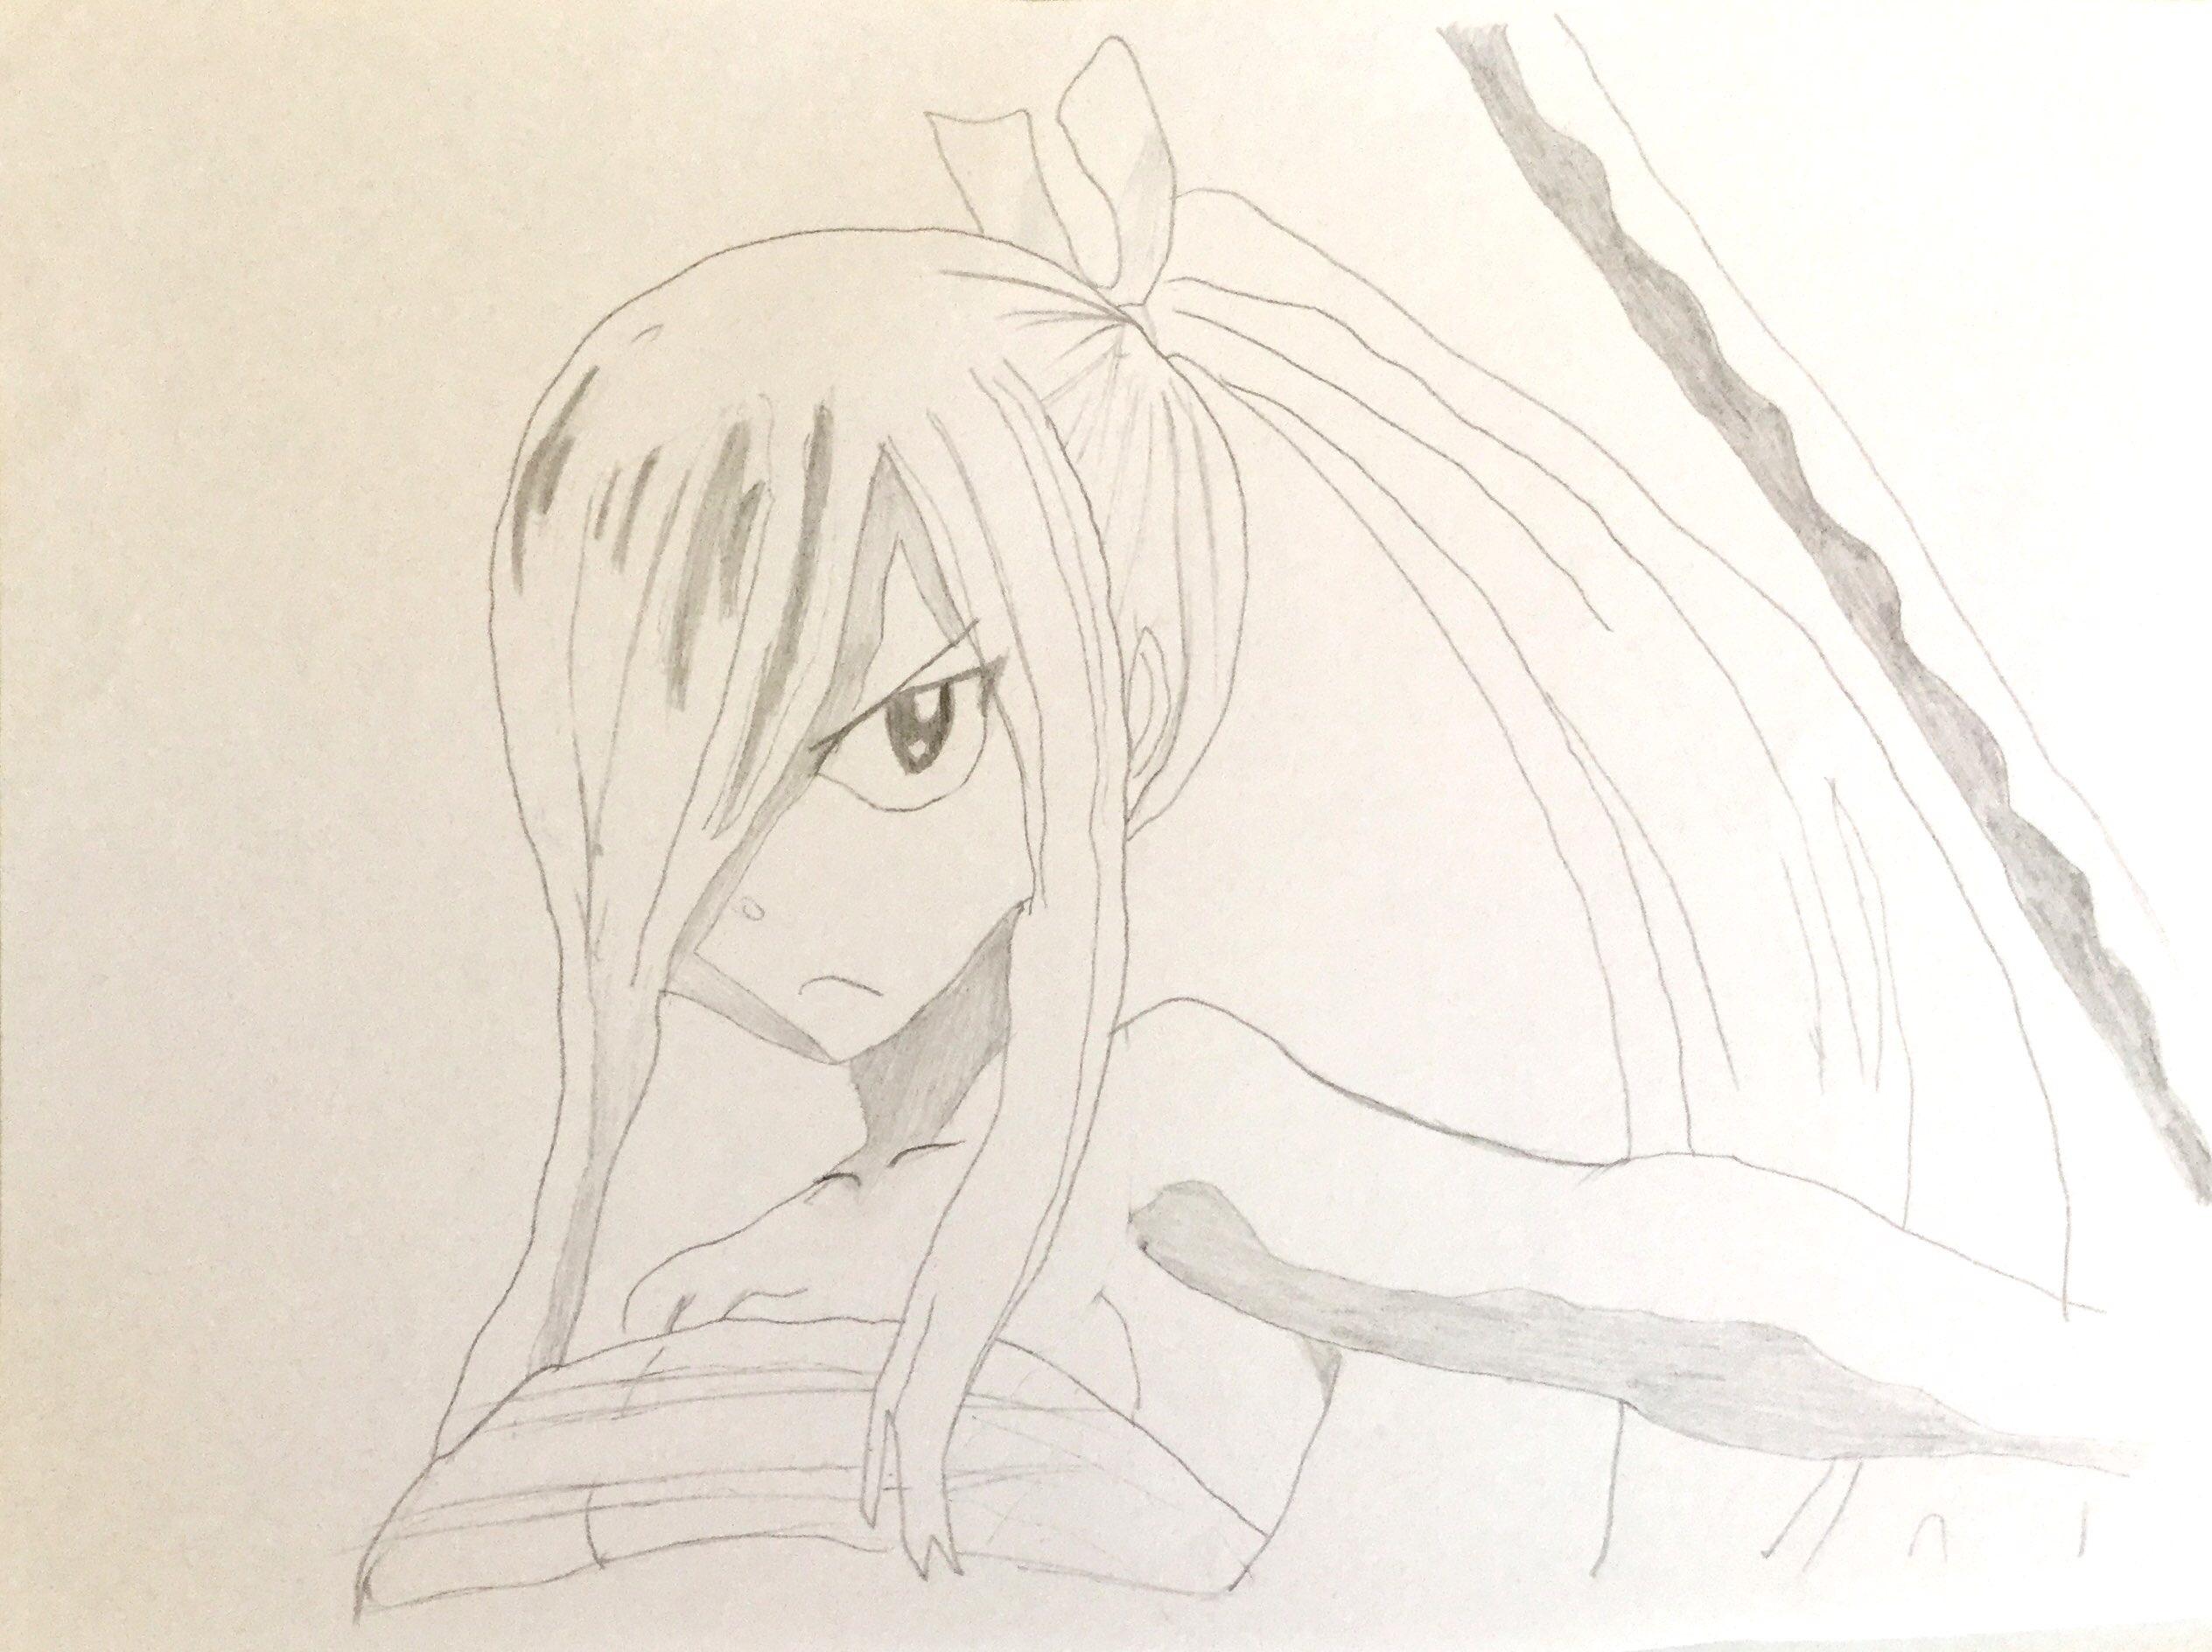 Art ID: 104008